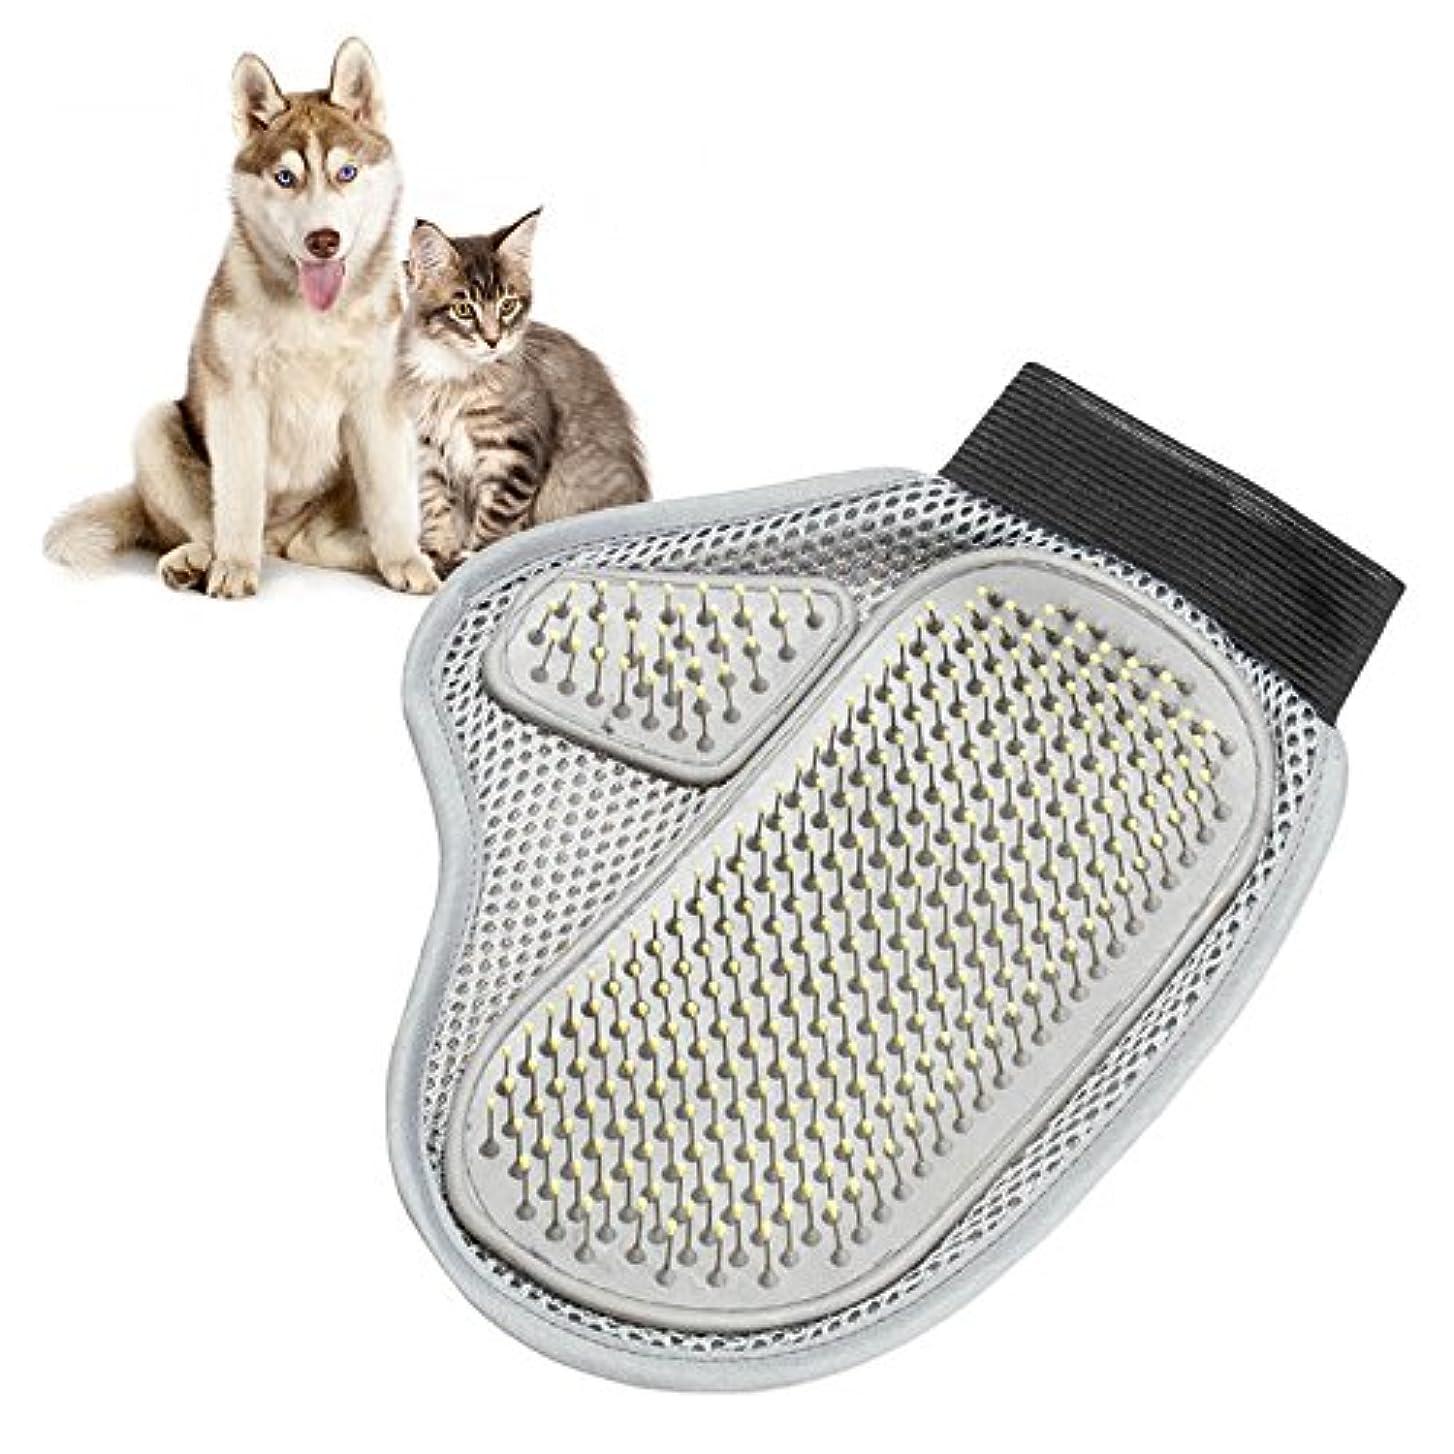 サンダース所有者ドメインBTXXYJP ペット ブラシ 手袋 猫 ブラシ グローブ クリーナー 耐摩耗 抜け毛取り マッサージブラシ 犬 グローブ (Color : Gray, Size : M)